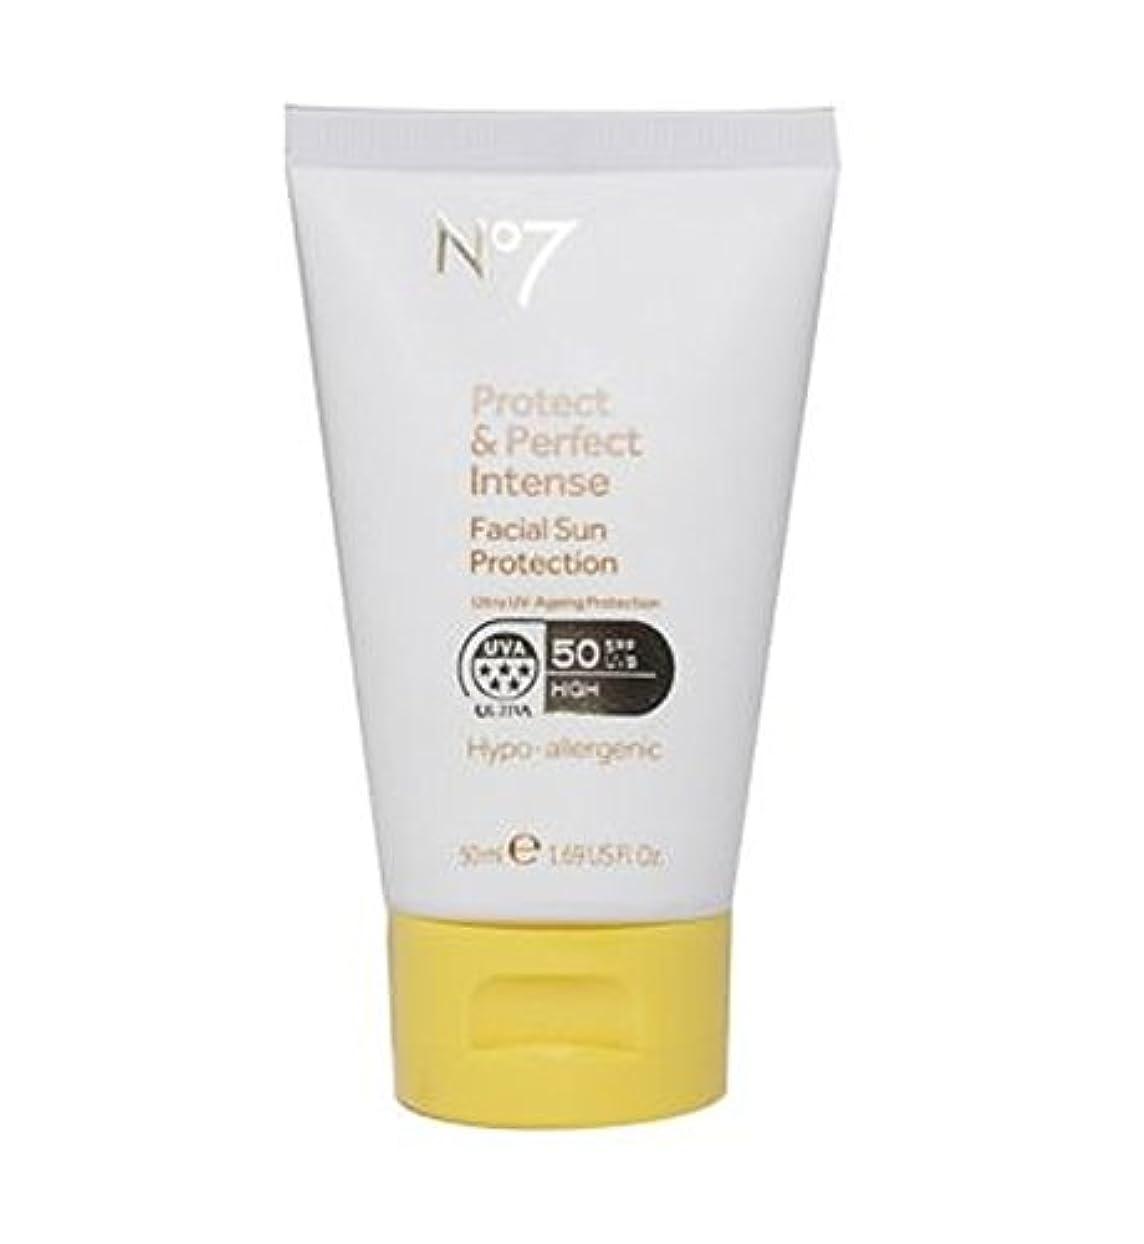 現実にはクモチャンスNo7保護&完璧な強烈な顔の日焼け防止Spf 50 50ミリリットル (No7) (x2) - No7 Protect & Perfect Intense Facial Sun Protection SPF 50 50ml...